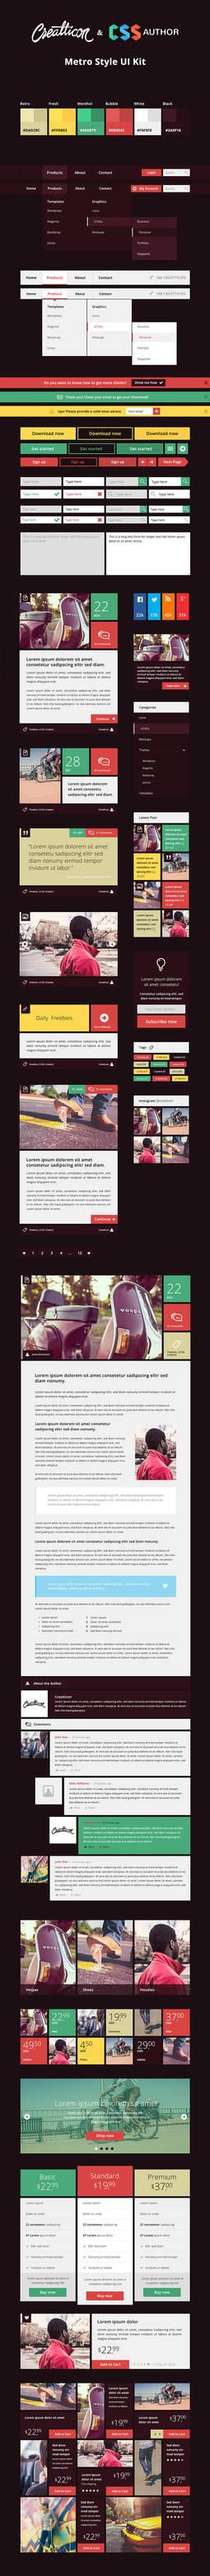 FREEBIE: Flat Metro Style UI Kit on CSS Author by creatticon